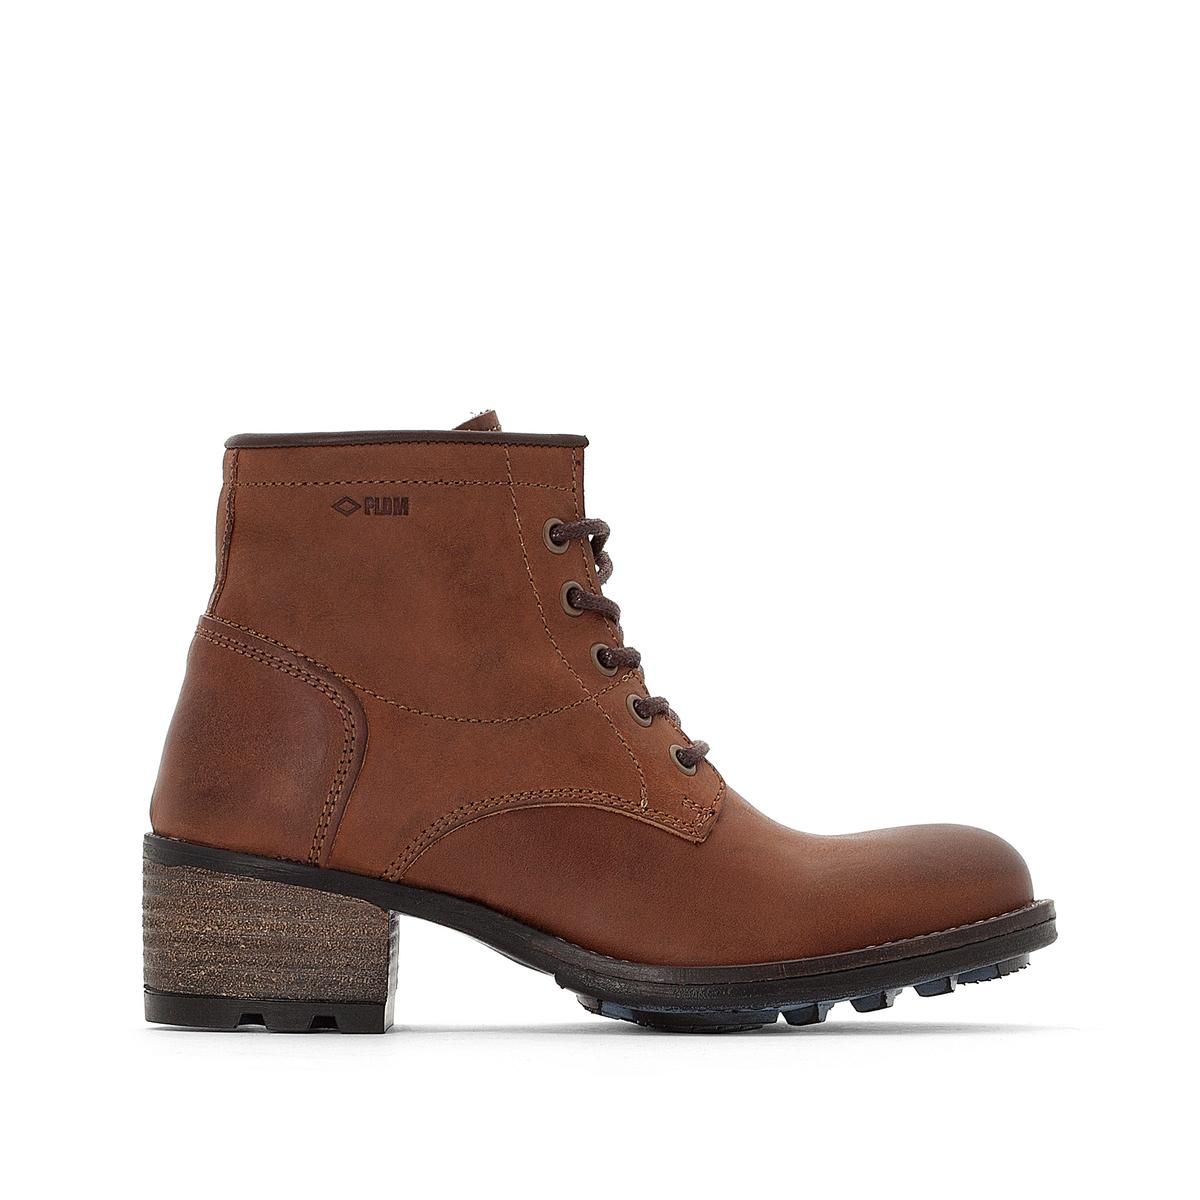 Ботинки кожаные на шнуровке Carthy цены онлайн